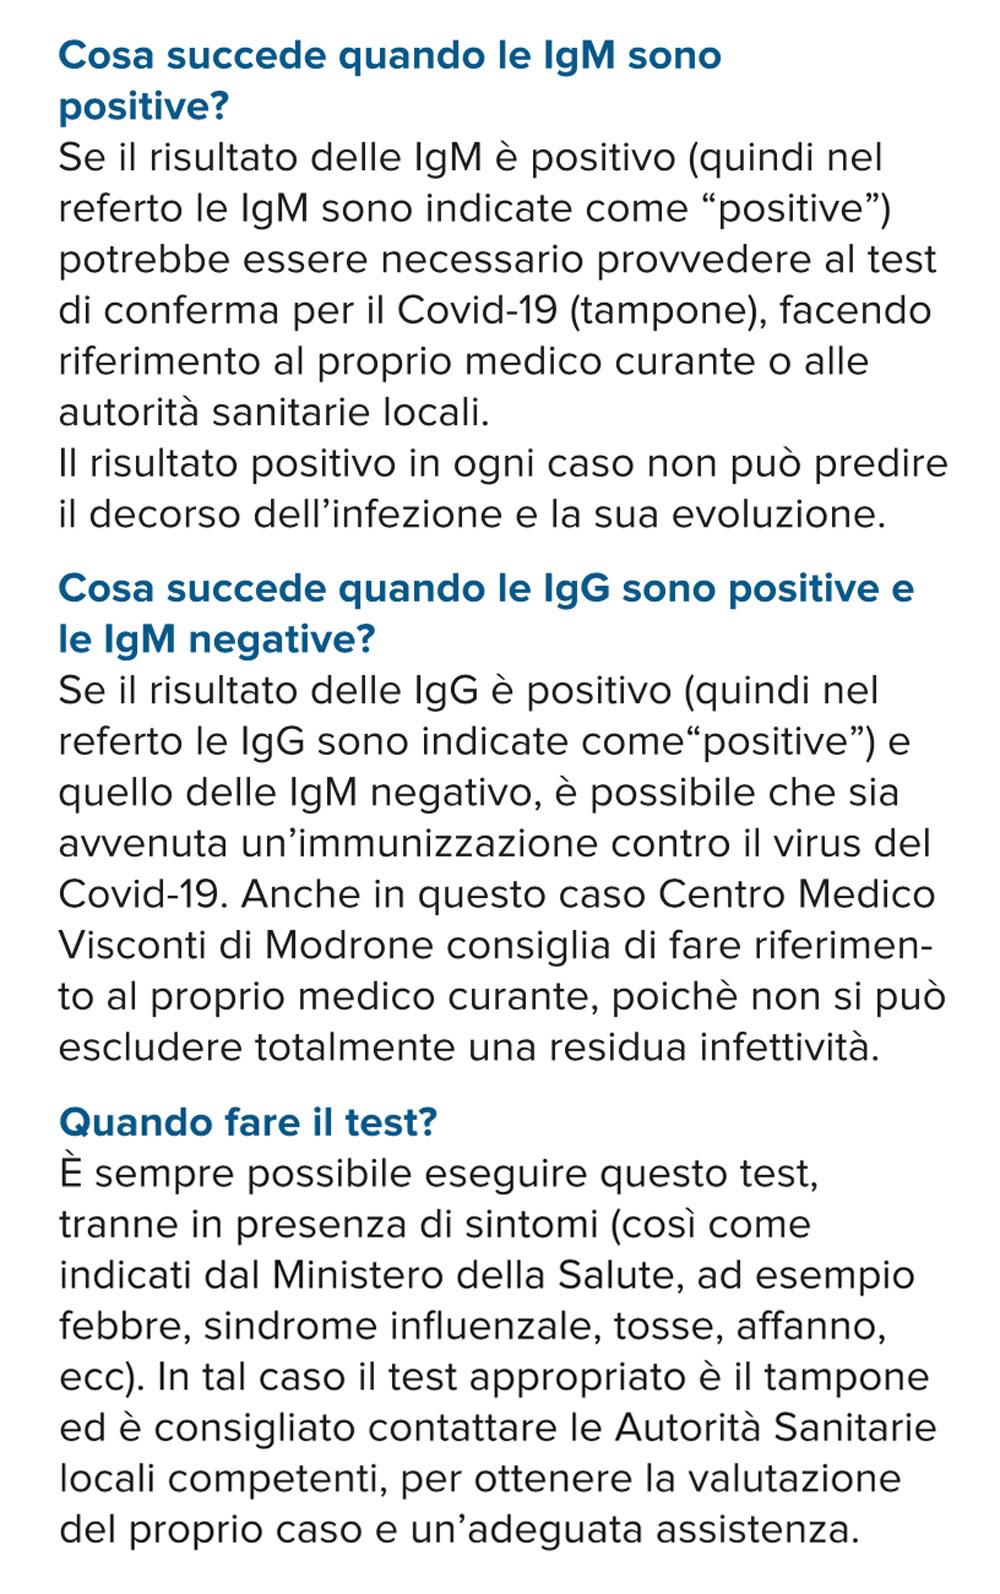 test positivo negativo covid-19 Anticorpi IGG IGM Milano-Centro Medico Visconti di Modrone